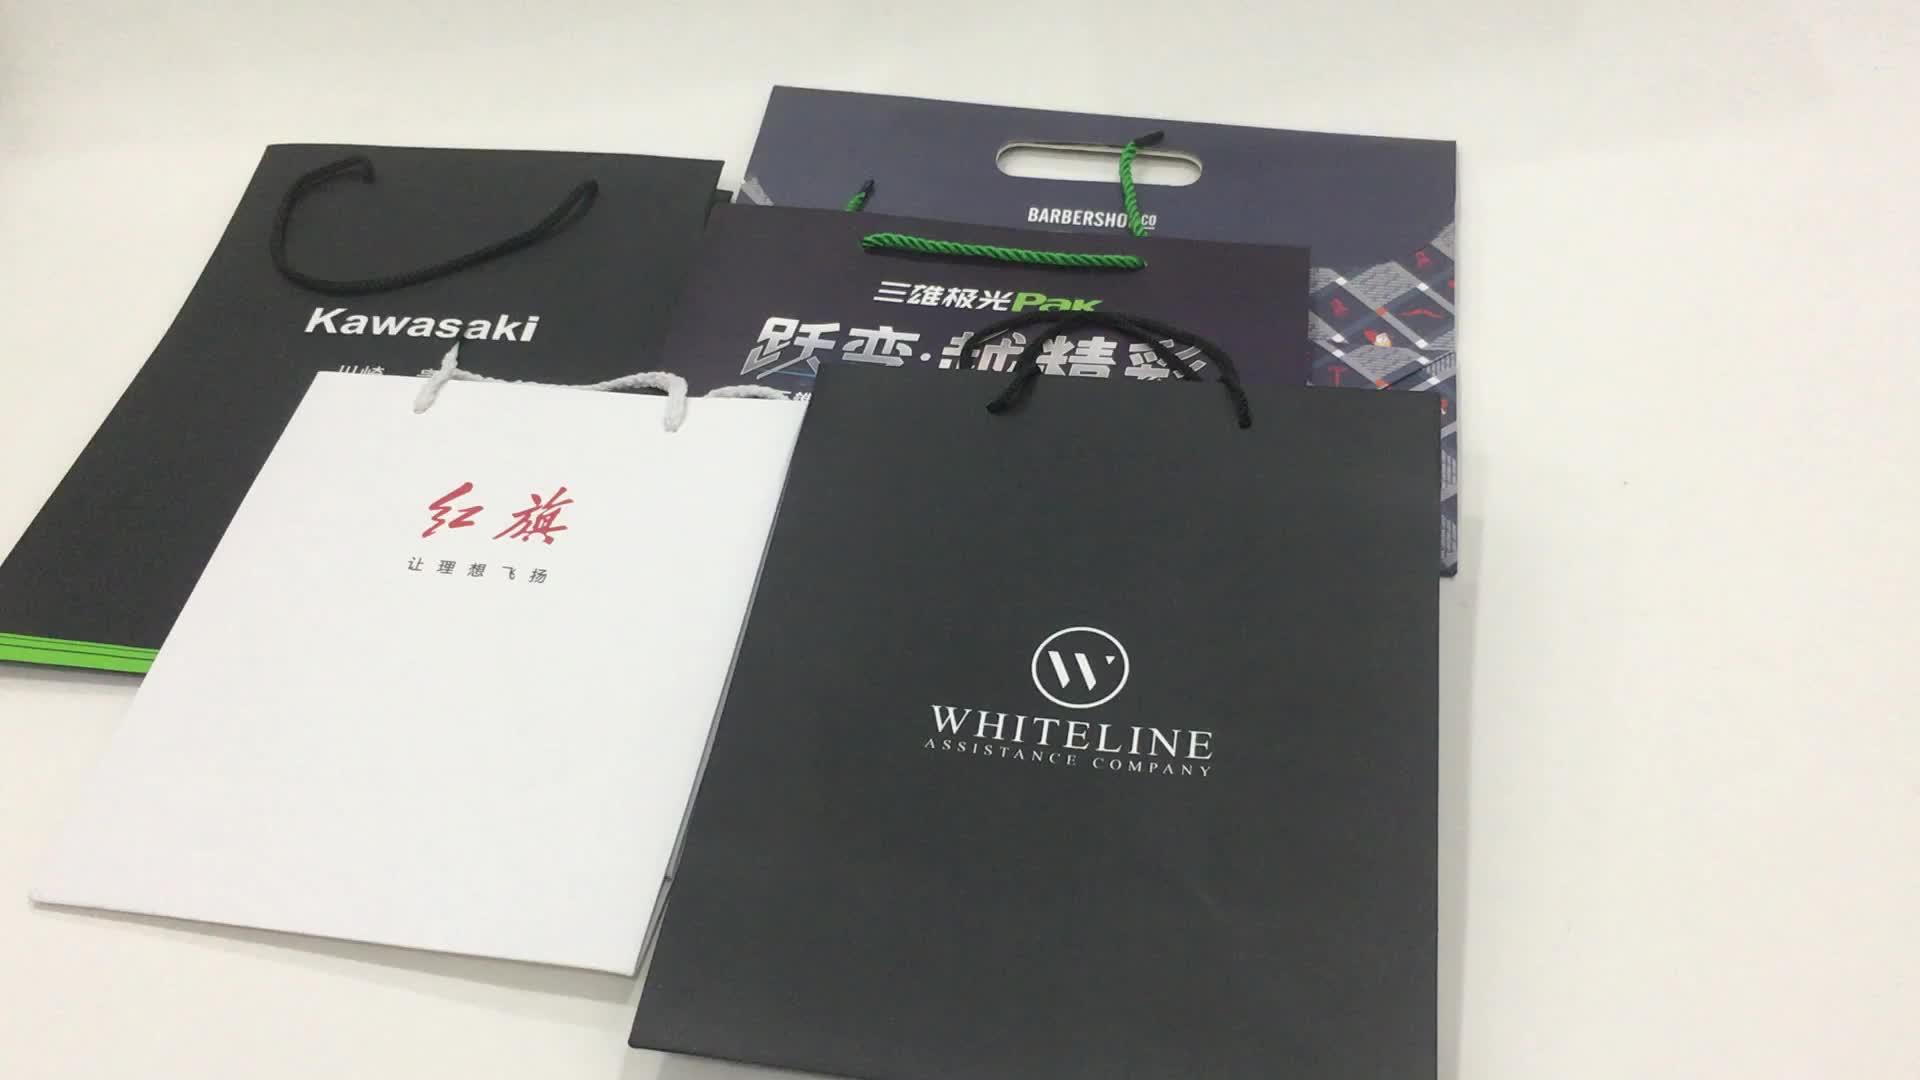 סיטונאי מותאם אישית הדפסת אריזה נייר שקית אישית שקיות קניות עם ידית הדפסת על ביקוש